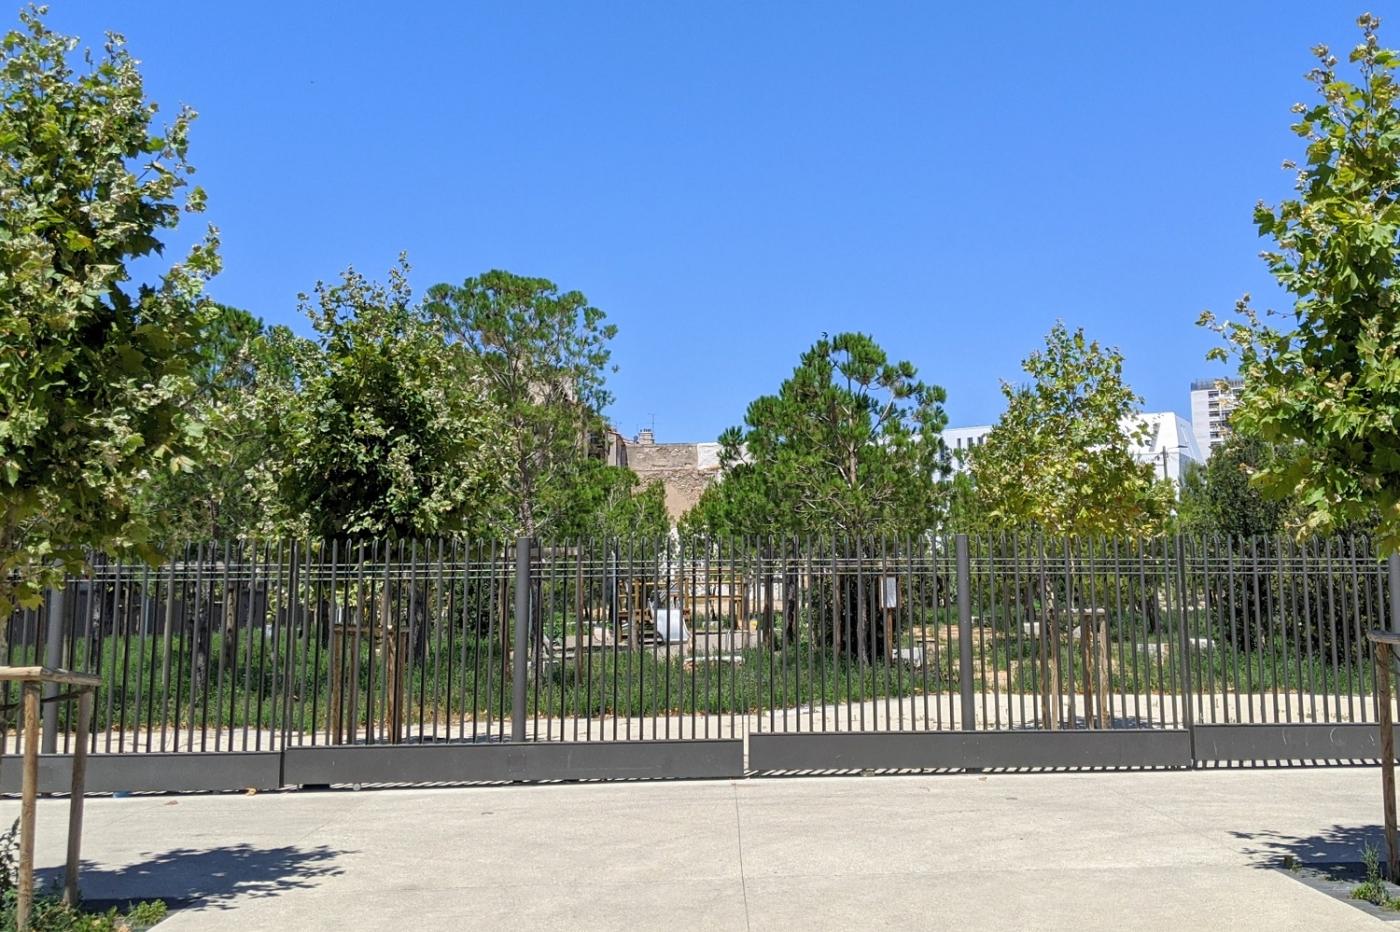 , Le parc de la Porte d'Aix devrait ouvrir dans « la seconde partie de juillet », Made in Marseille